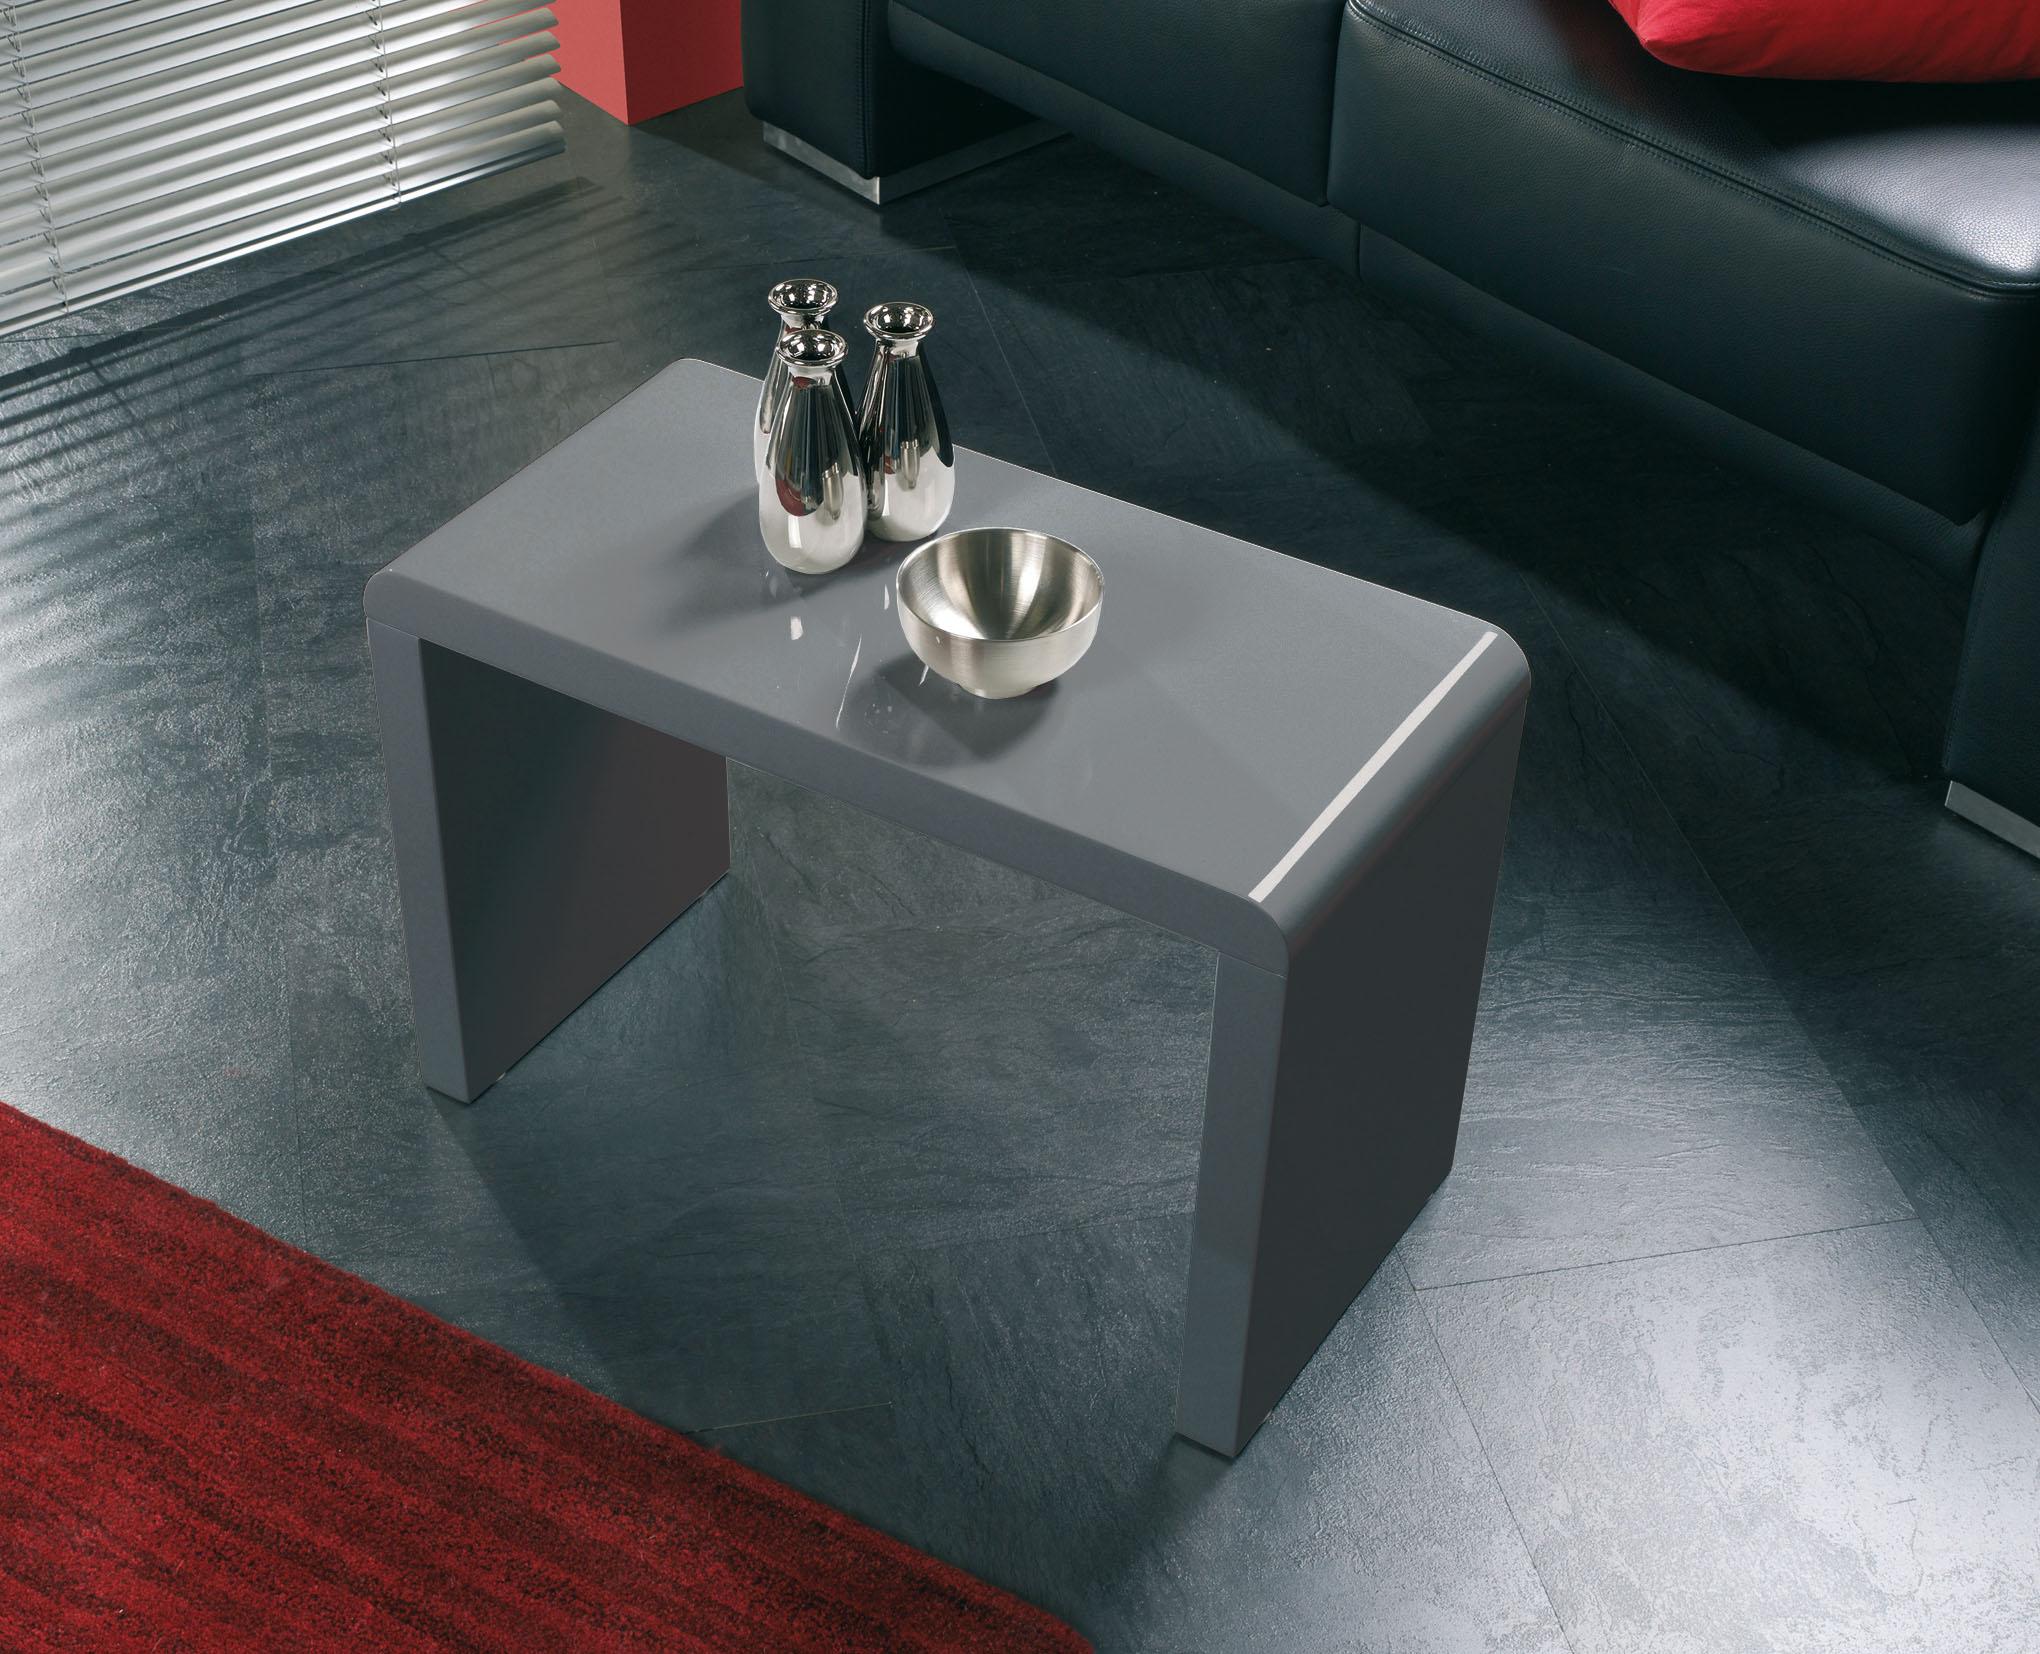 Beistelltisch Couchtisch Tisch Wohnzimmertisch Konsole Mod T148 Grau